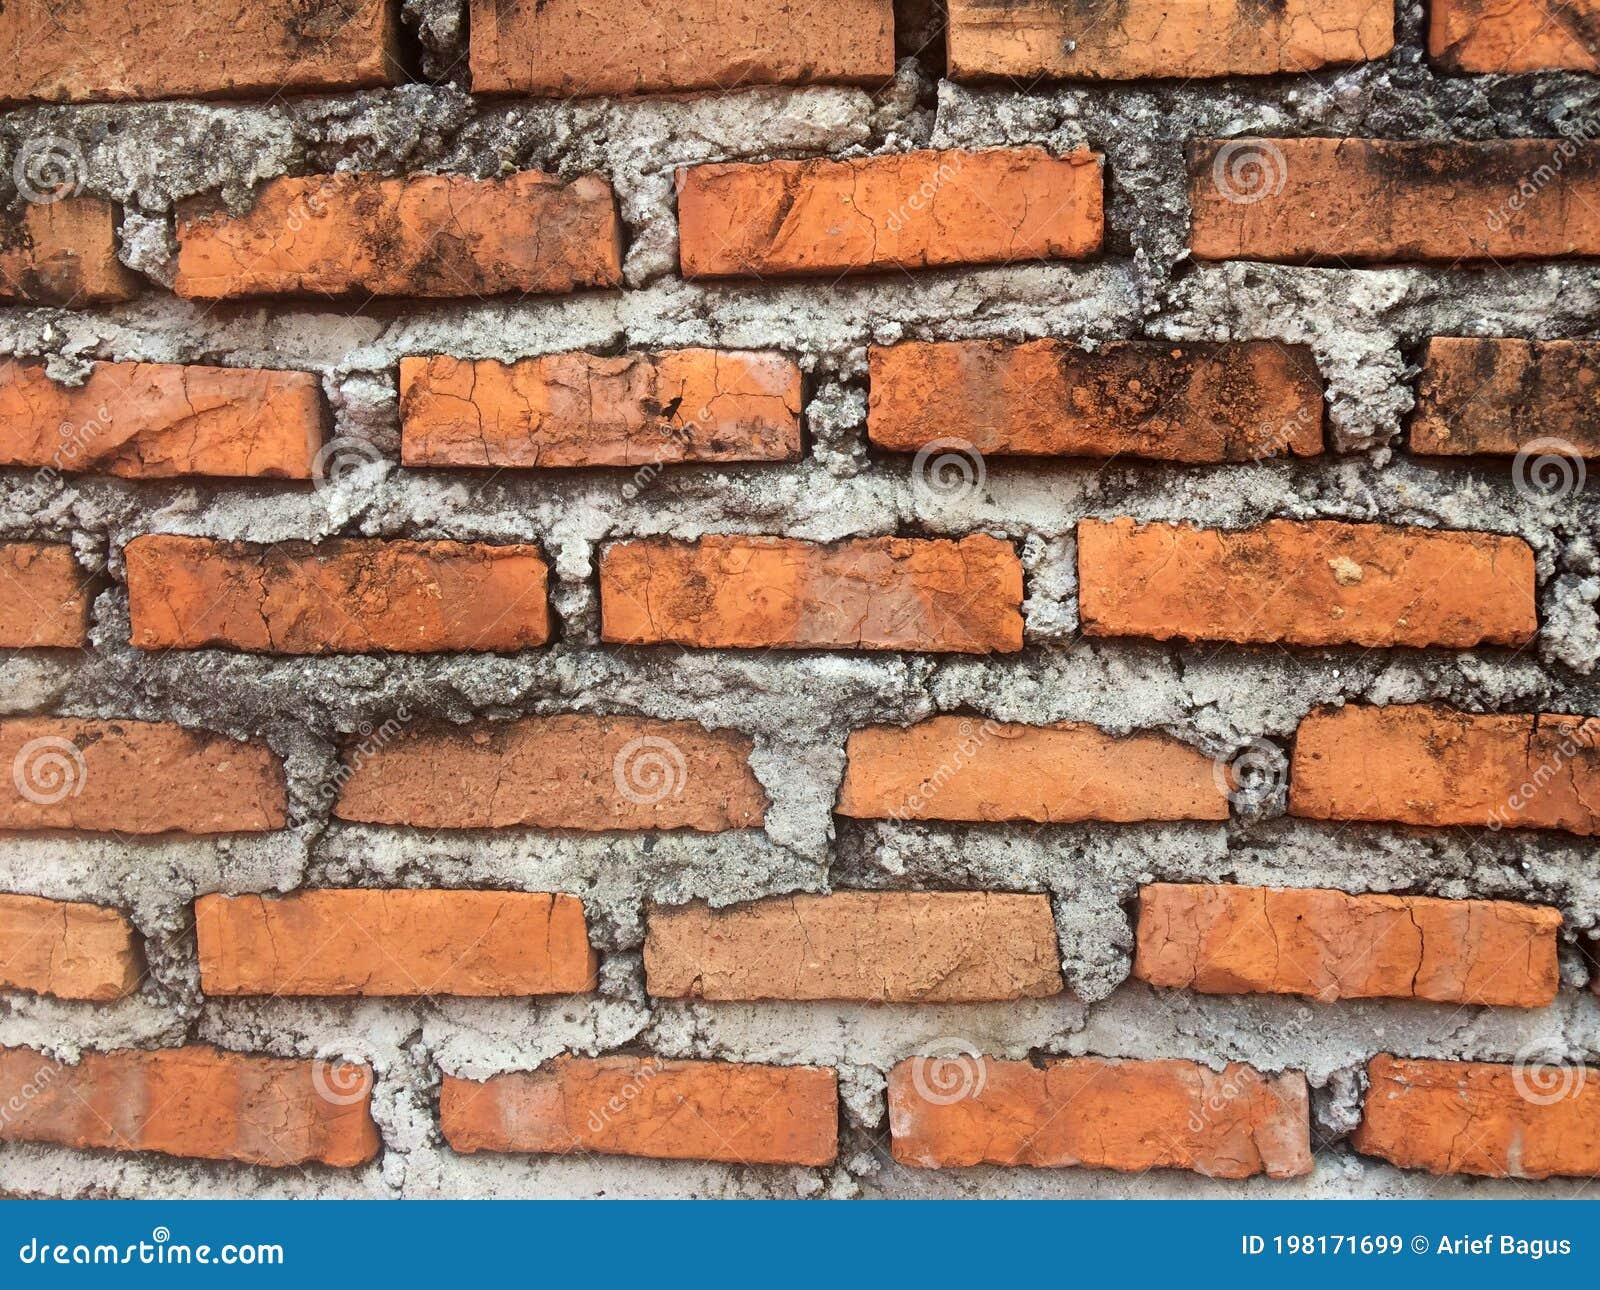 Unfinished Red Brick Wall Or Tembok Bata Merah Batu Bata Wall Stock Image Image Of Bricks Design 198171699 Dinding batu bata merah